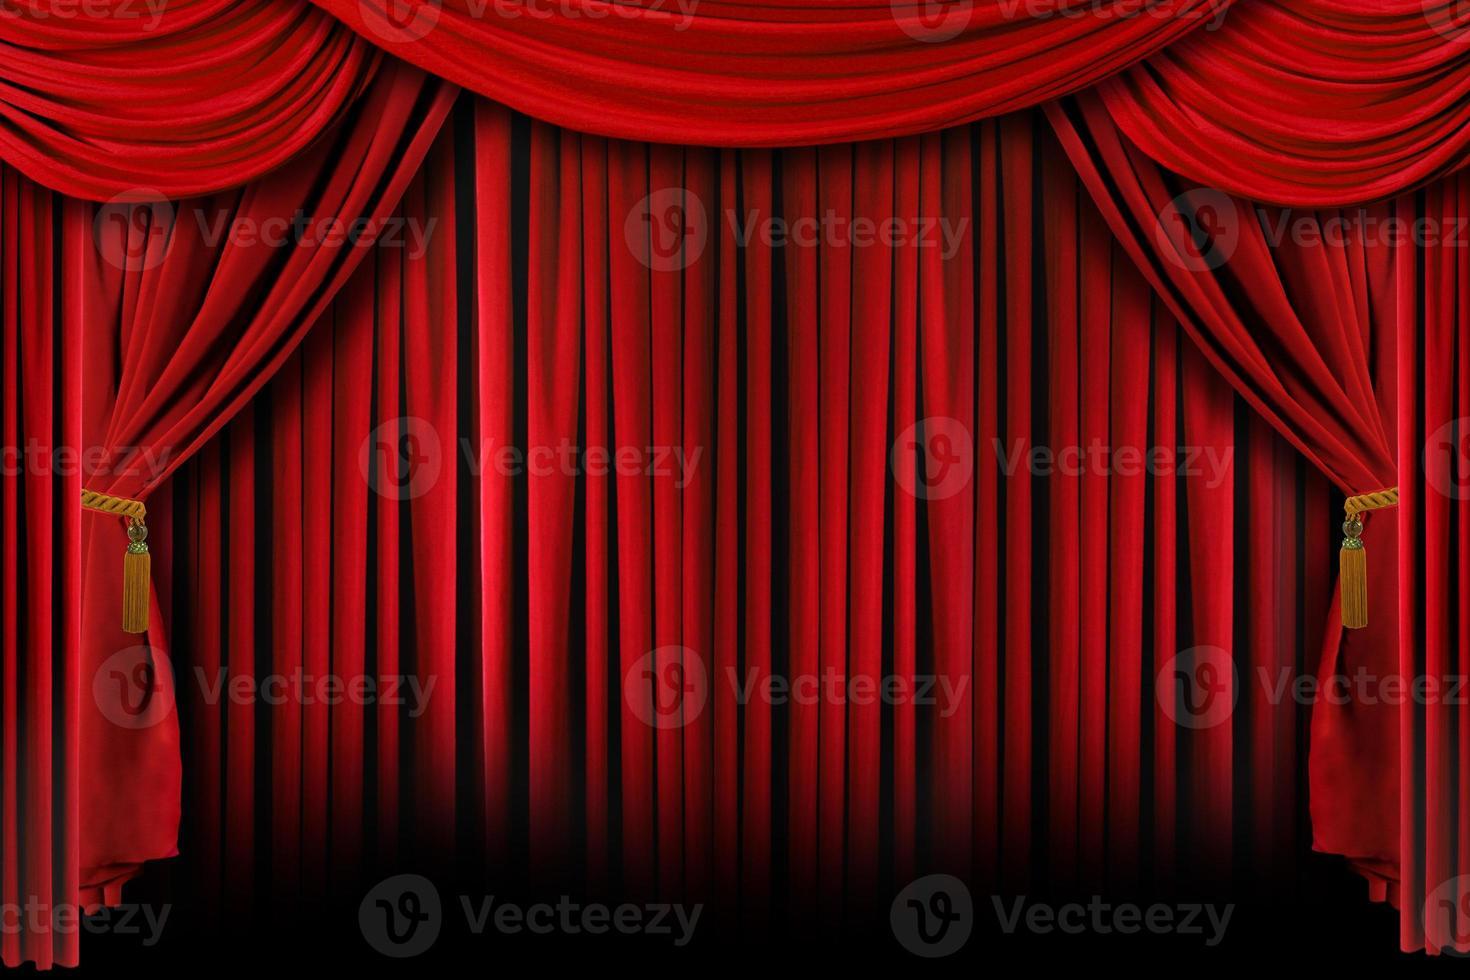 rode gordijnen met diepe schaduwen foto